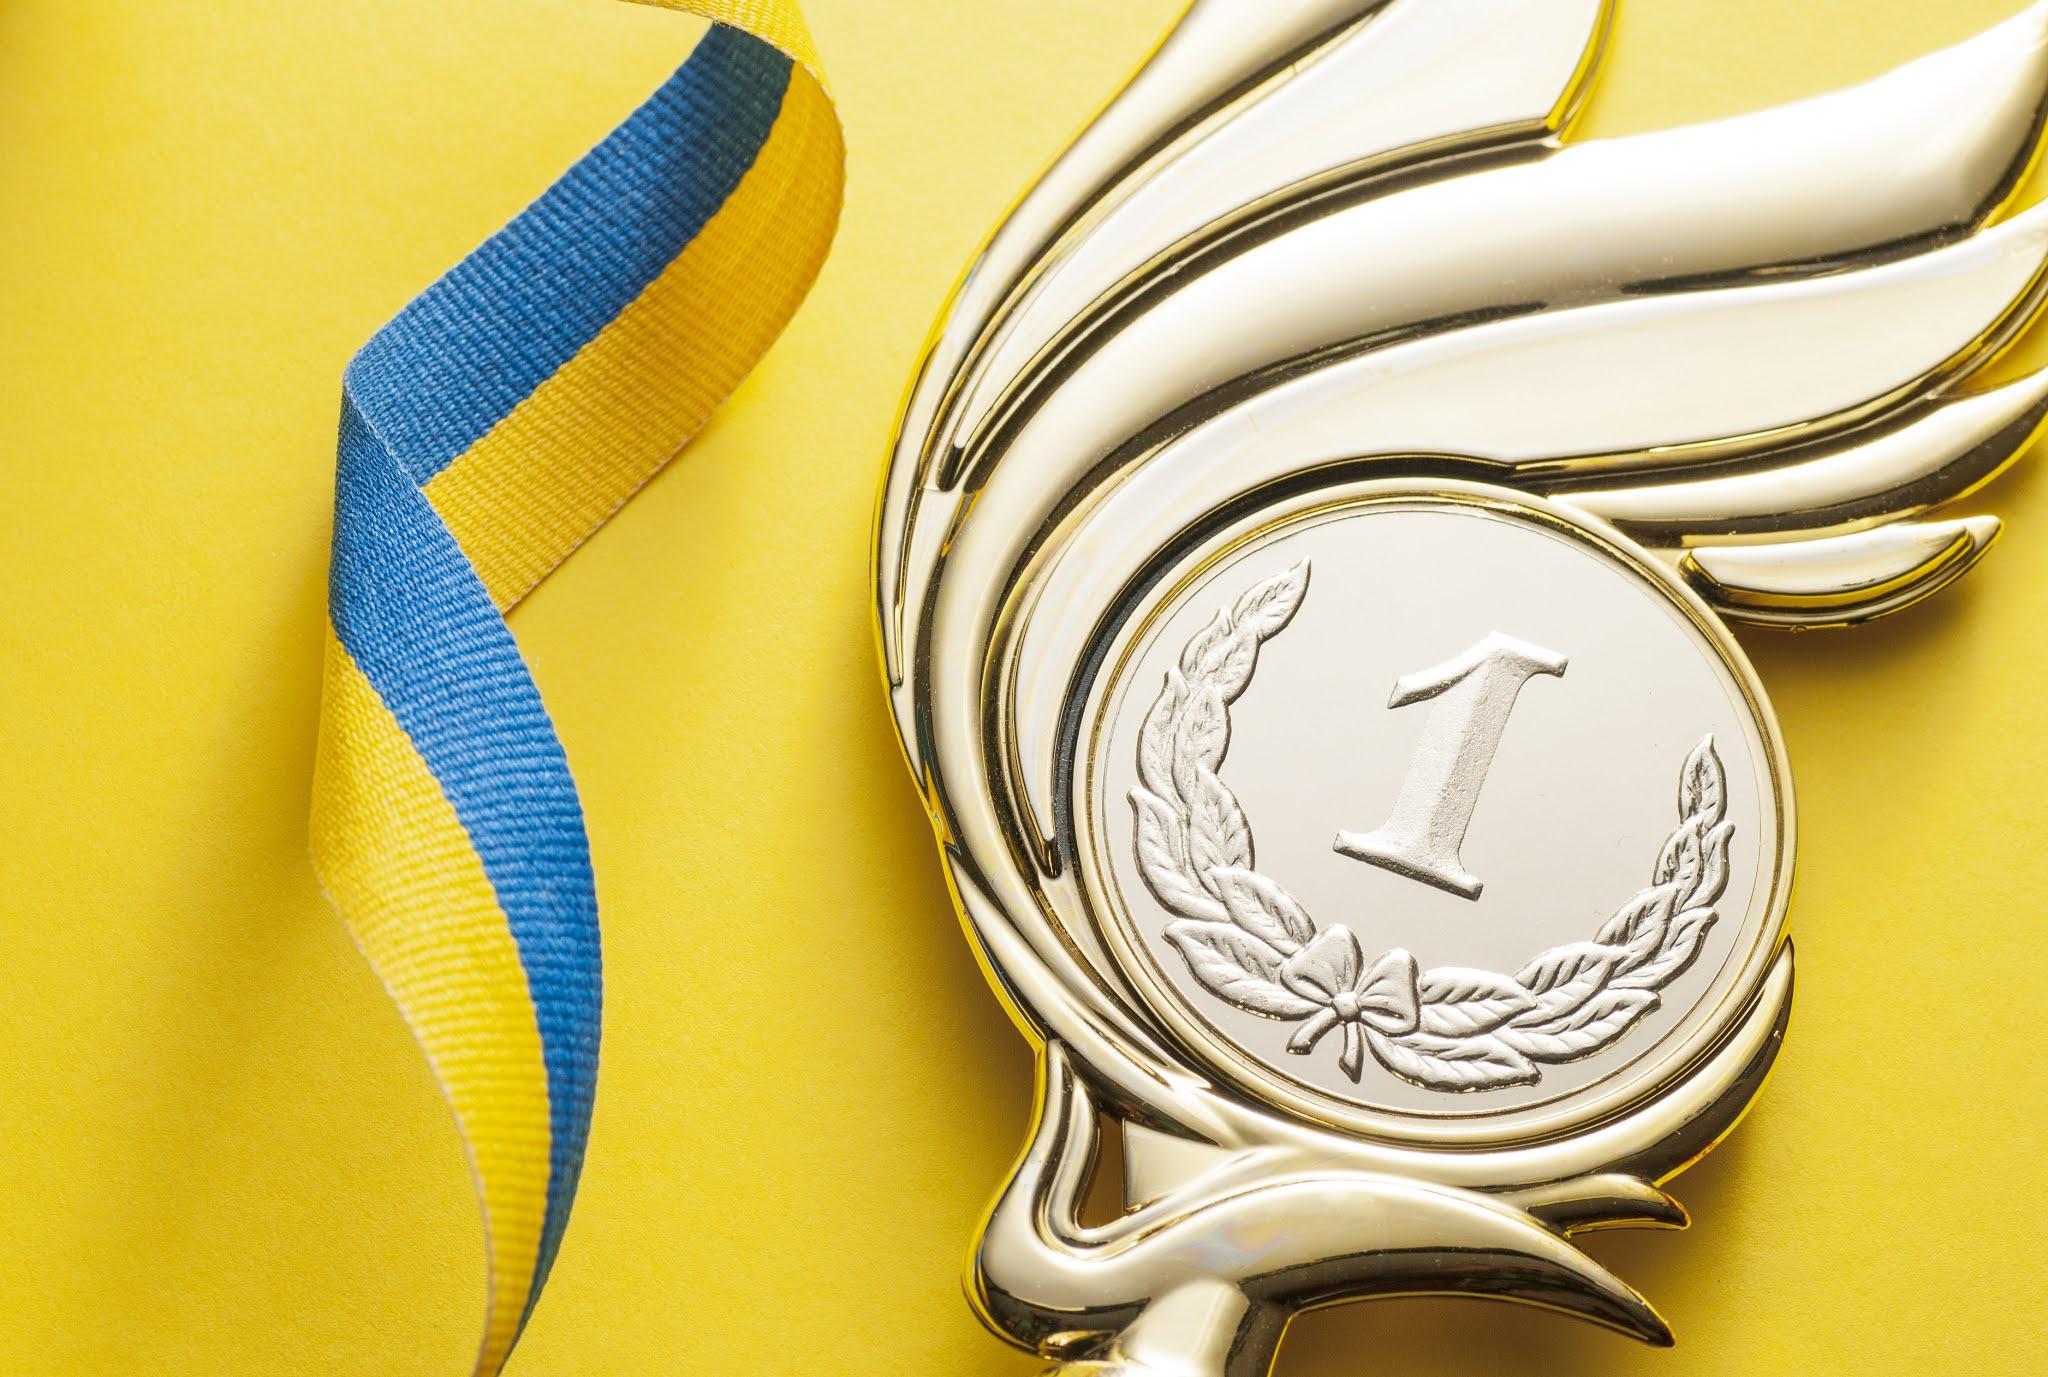 مصر Egypt تلمع في سماء نجوم الرياضة بذهبية فريال أشرف في الكاراتيه بأولمبياد طوكيو